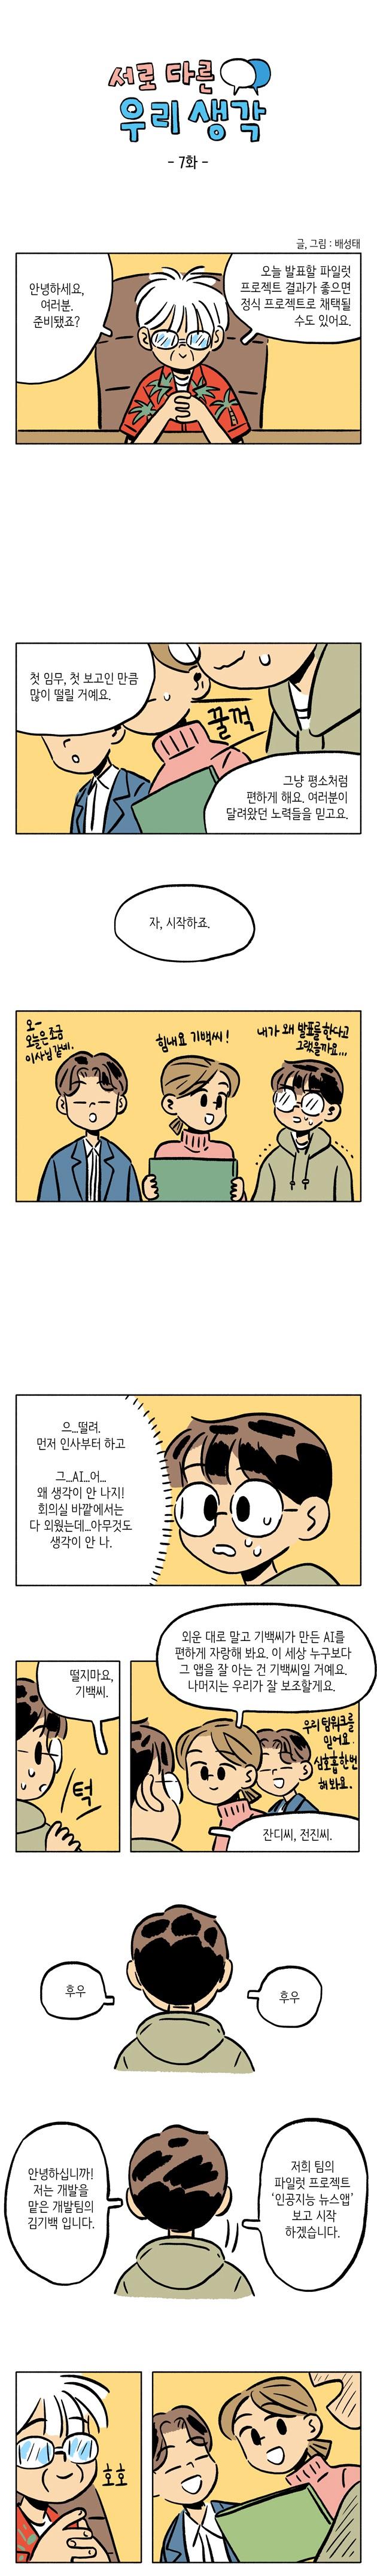 [7화] 드디어 프로젝트 발표, 한